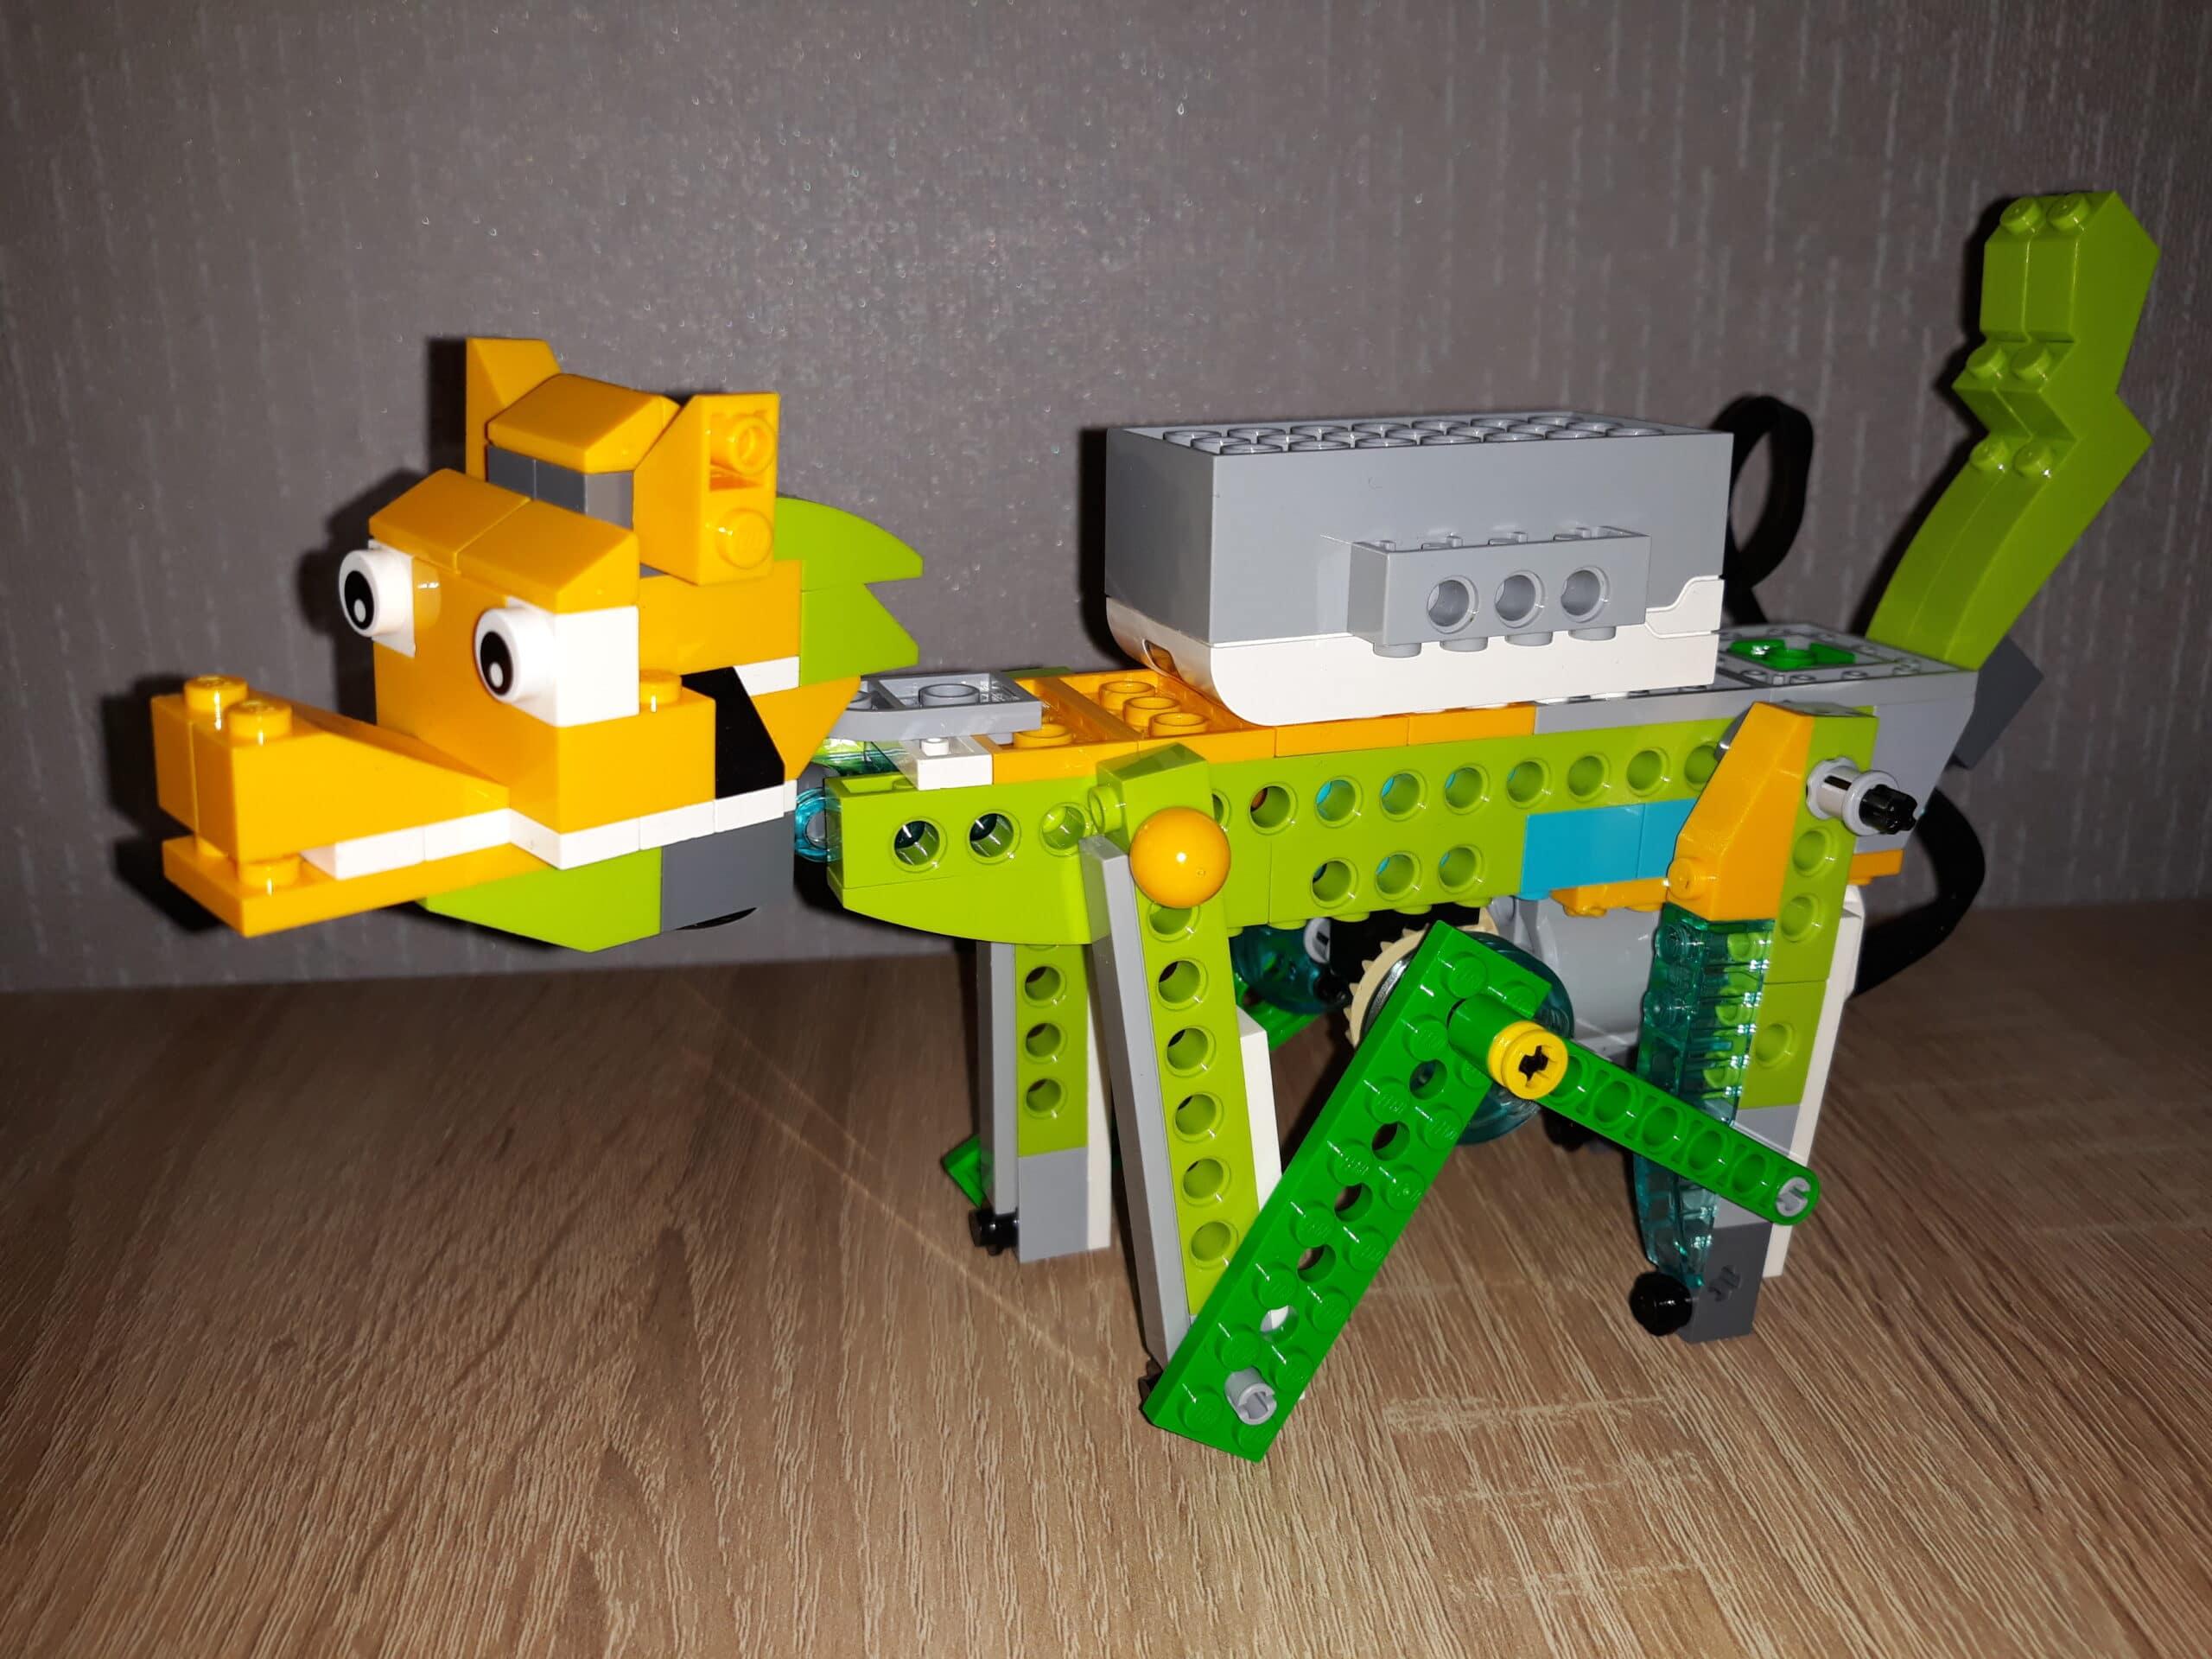 Инструкция по сборке из набора LEGO Education WeDo 2.0 Лиса